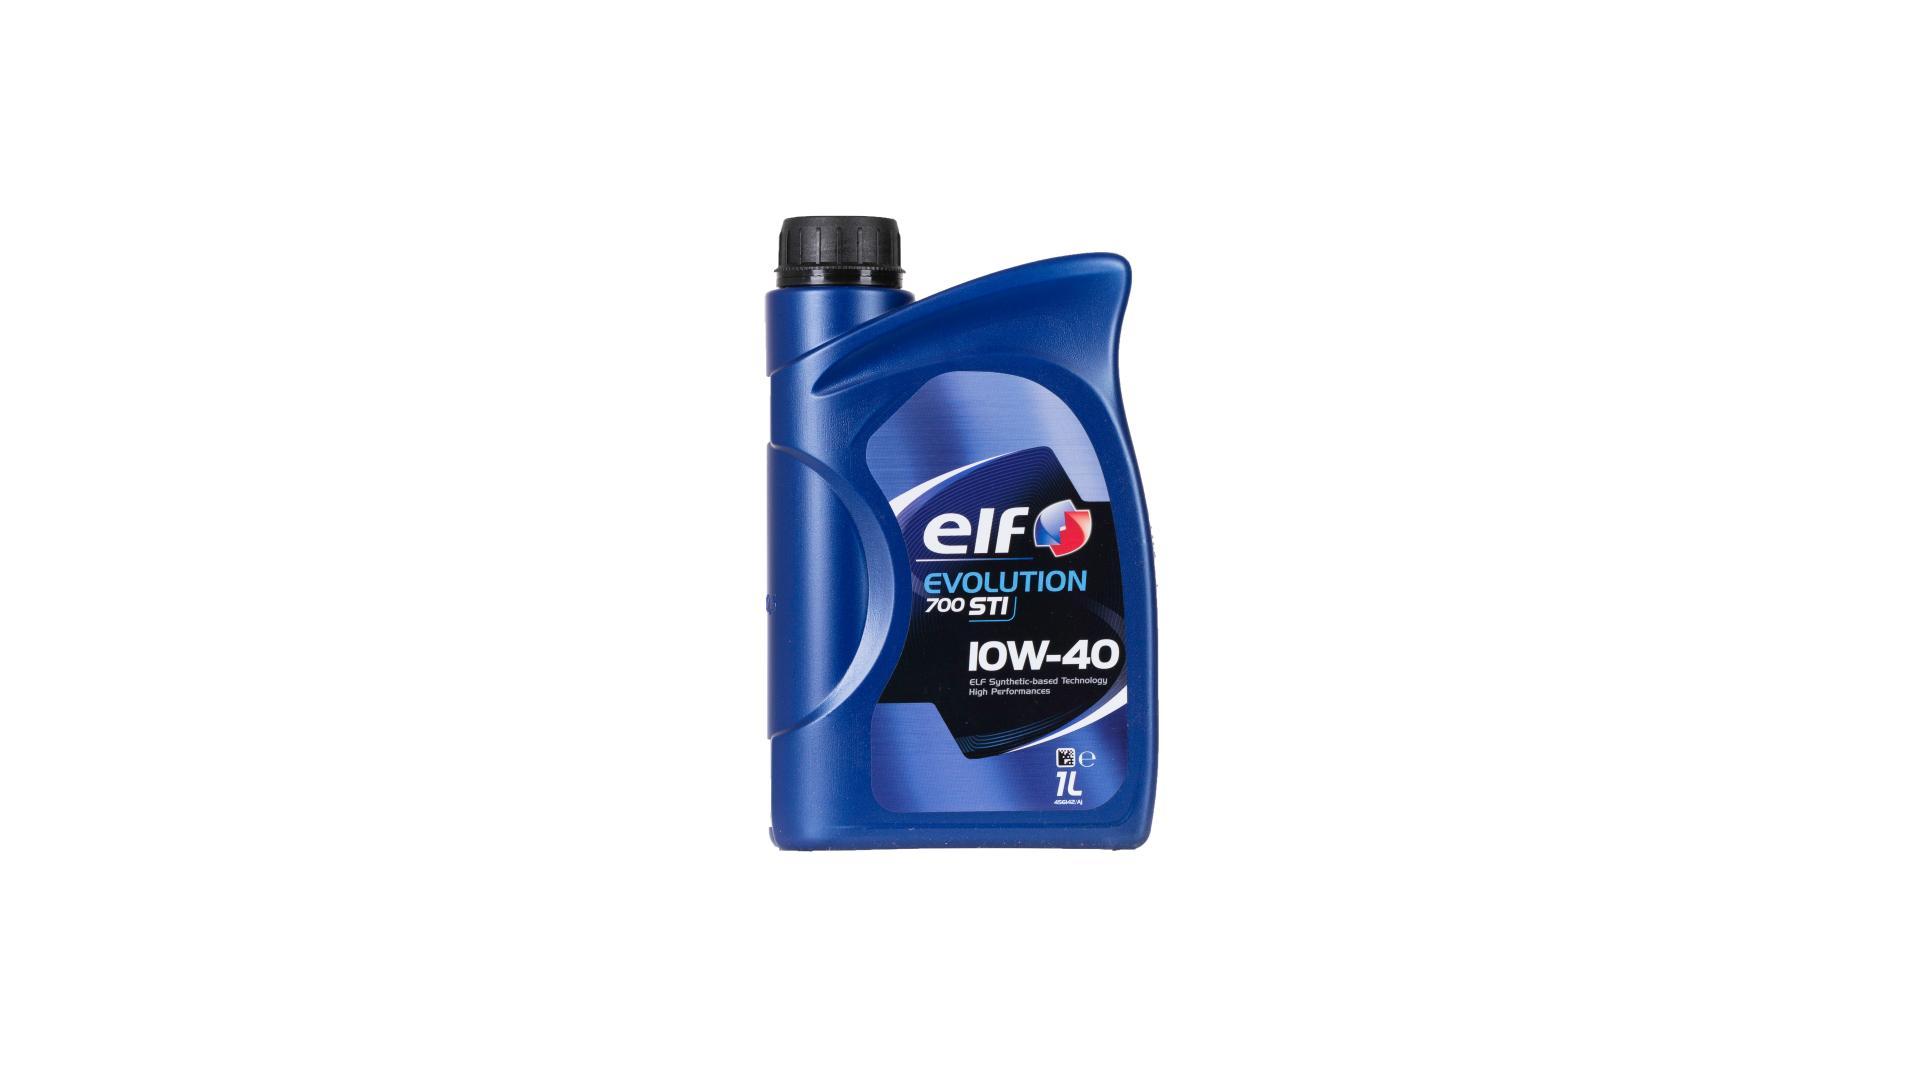 Elf 10w-40 Evolution 700 STI 1L (201555) (203696)